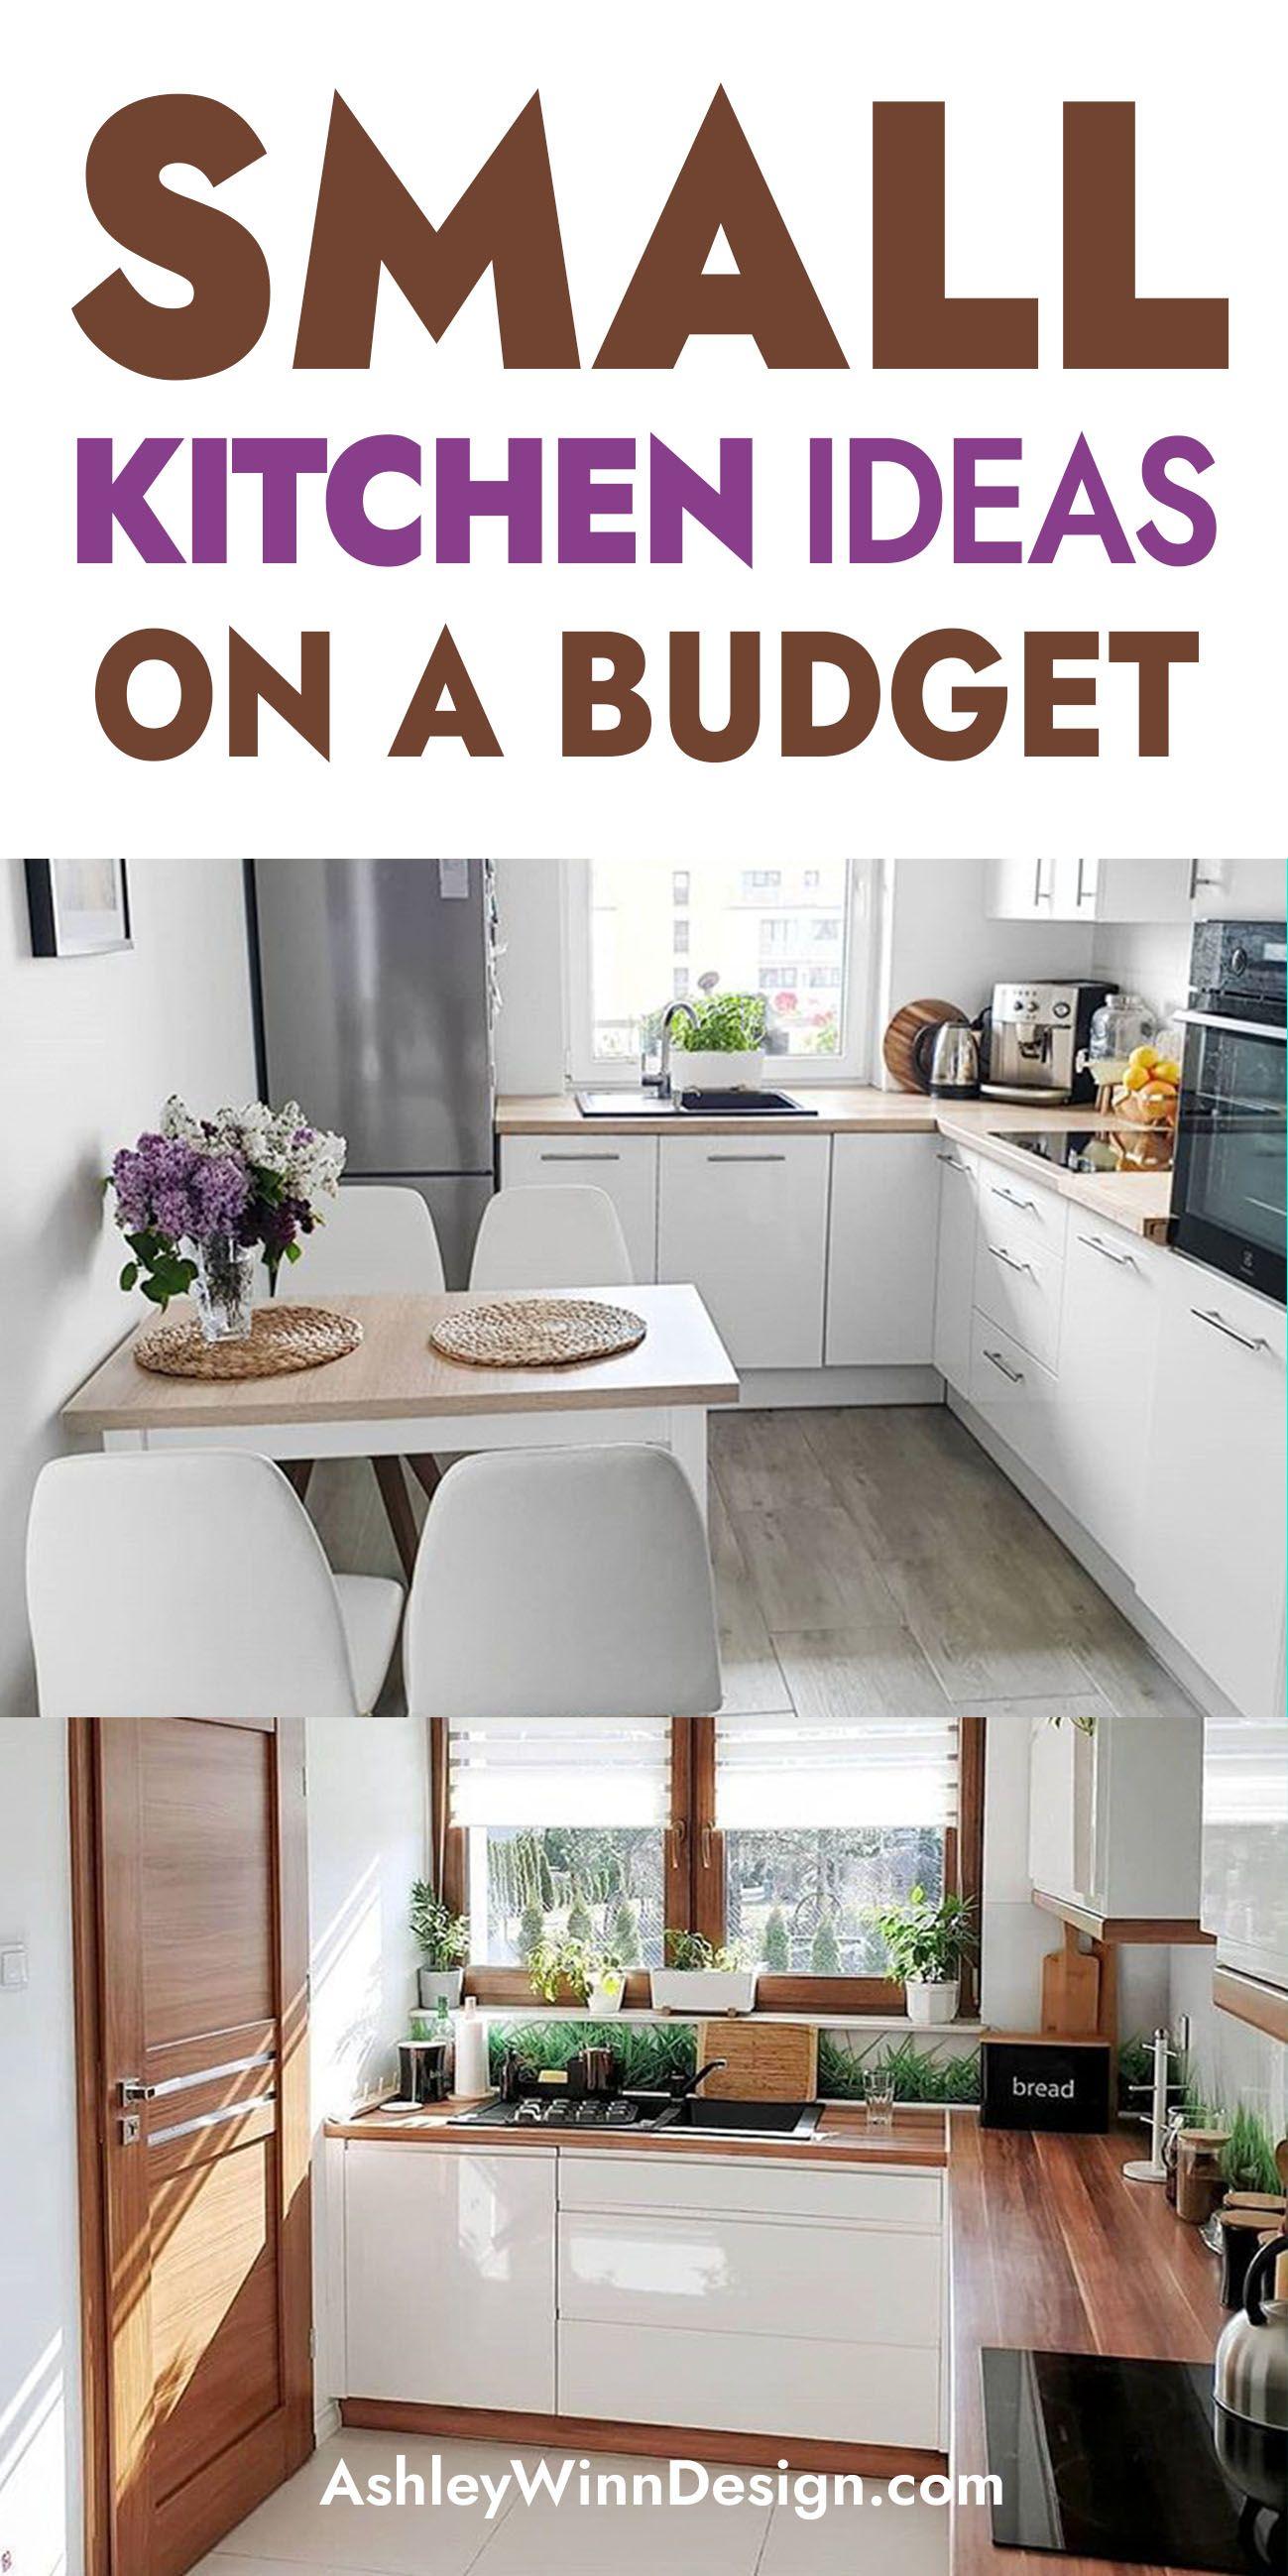 33 Attractive Small Kitchen Design Ideas In 2021 Budget Kitchen Solution Small Kitchen Kitchen Design Small Small Kitchen Ideas On A Budget